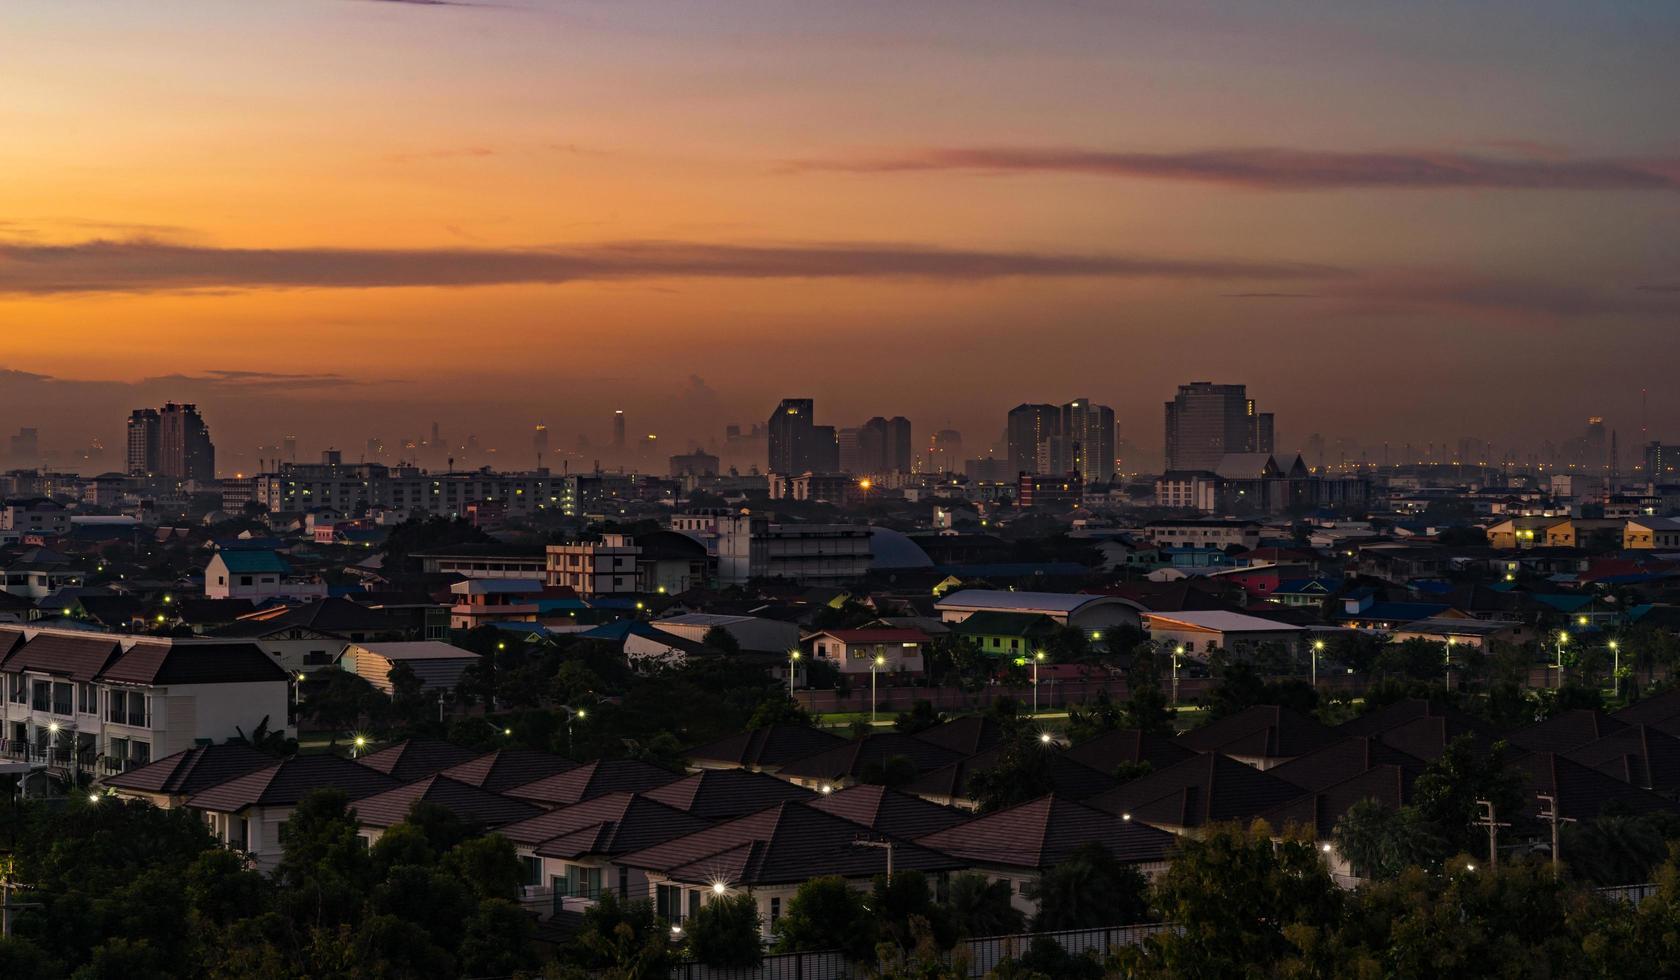 paysage urbain au coucher du soleil photo